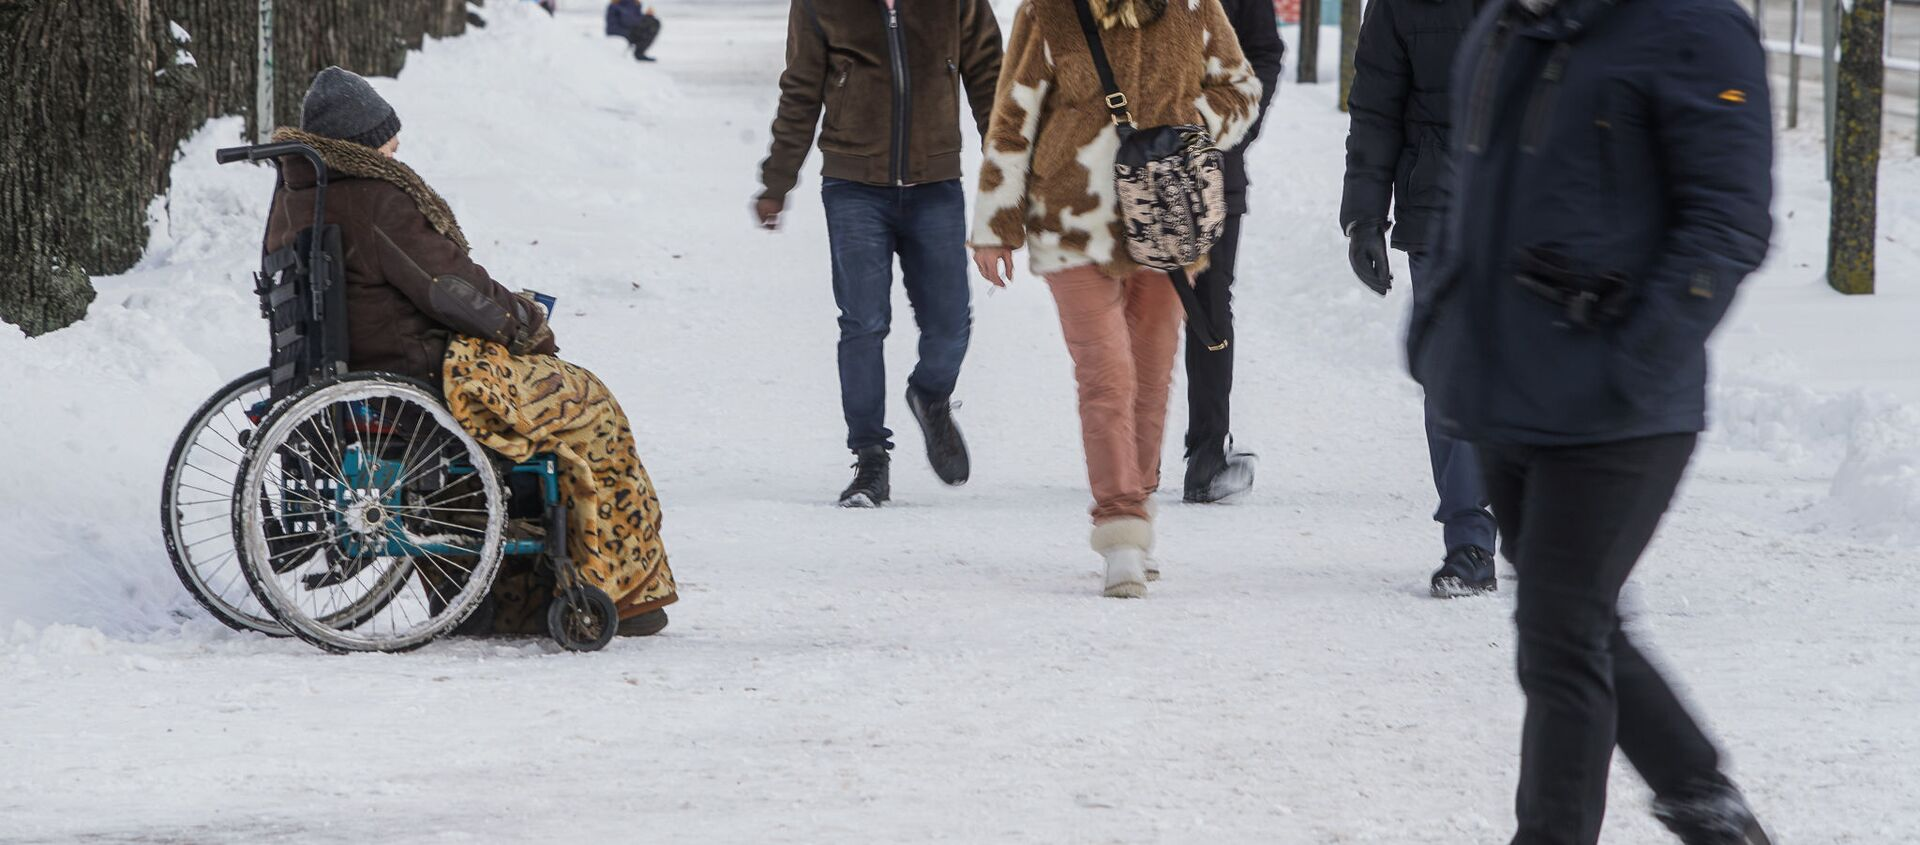 Женщина-инвалид просит милостыню в Риге - Sputnik Latvija, 1920, 21.03.2021